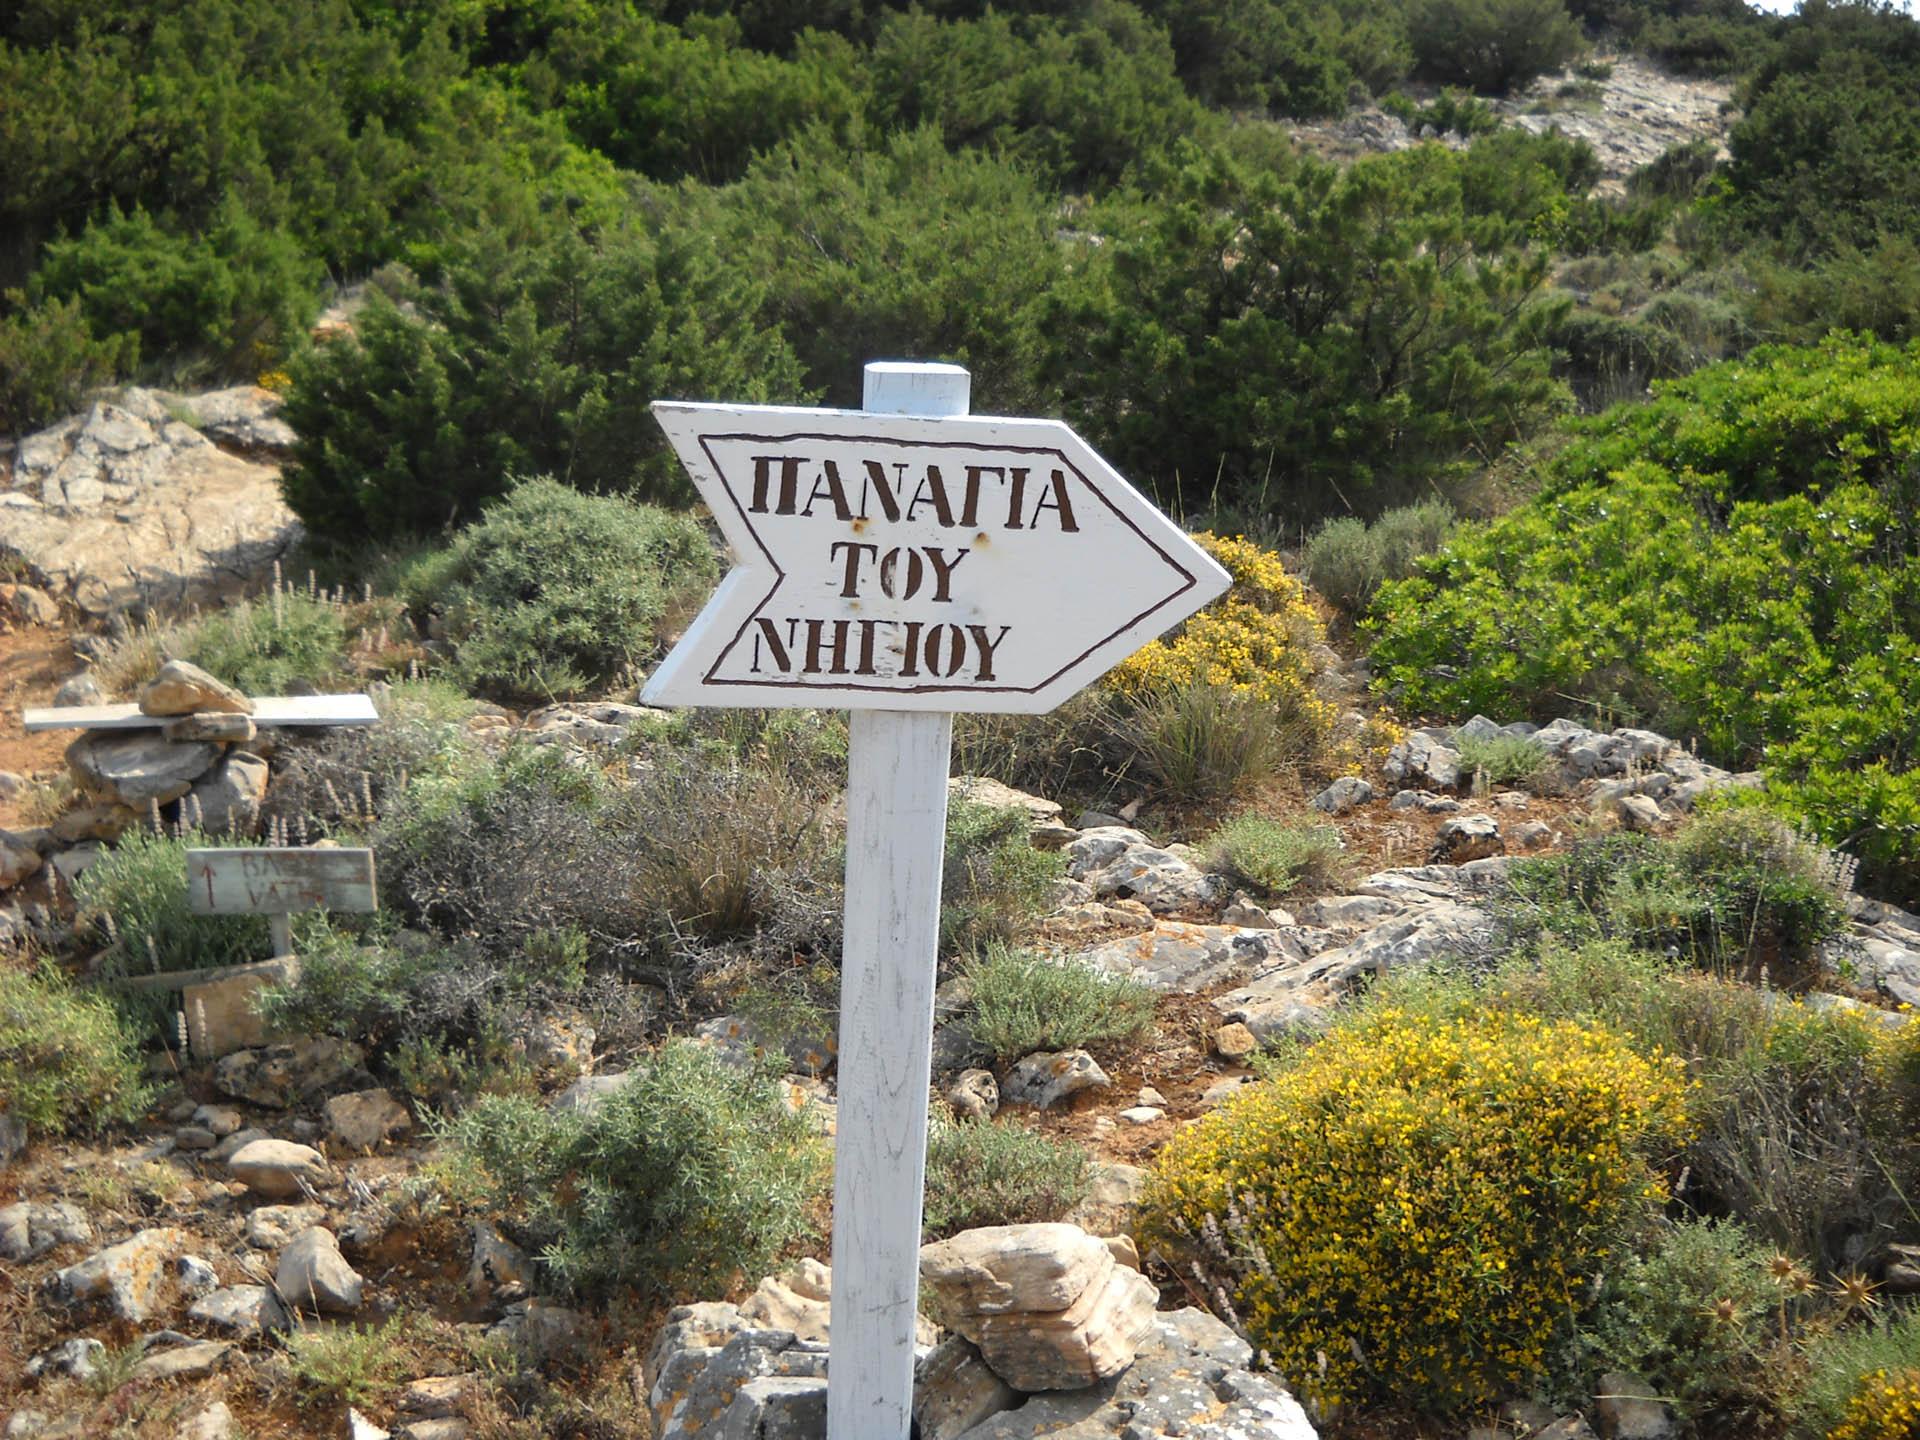 Paths-Sifnos-Panagia-tou-Nigiou